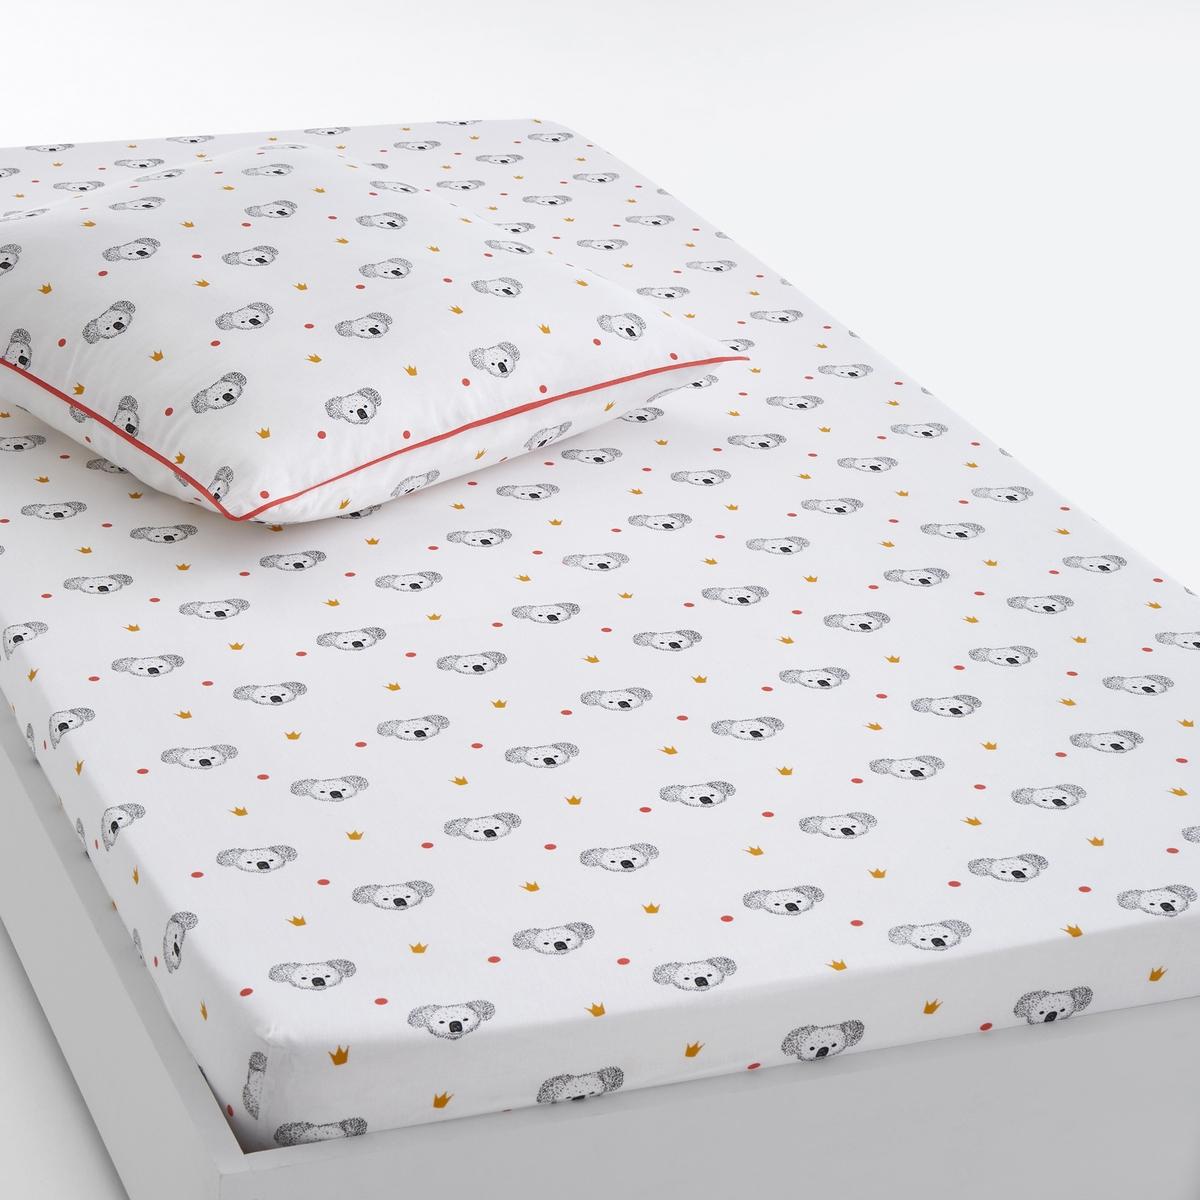 Простыня натяжная с рисунком KOALAНатяжная простыня с рисунком Koala. Детям придется по душе это красивое постельное белье в горох с рисунком короны и коалы !Характеристики натяжной простыни с рисунком Koala:100% хлопок, 57 нитей/cм?   : чем больше количество нитей на см?, тем выше качество материала.Сплошной принтЛегкость ухода.Машинная стирка при 60 °C.Всю коллекцию постельного белья Koala вы можете найти на сайте laredoute.ru.Знак Oeko-Tex® гарантирует, что товары прошли проверку и были изготовлены без применения вредных для здоровья человека веществ. Размеры :90 x 140 см : раскладная кровать90 x 190 см : 1-сп.<br><br>Цвет: белый/ черный<br>Размер: 90 x 190  см